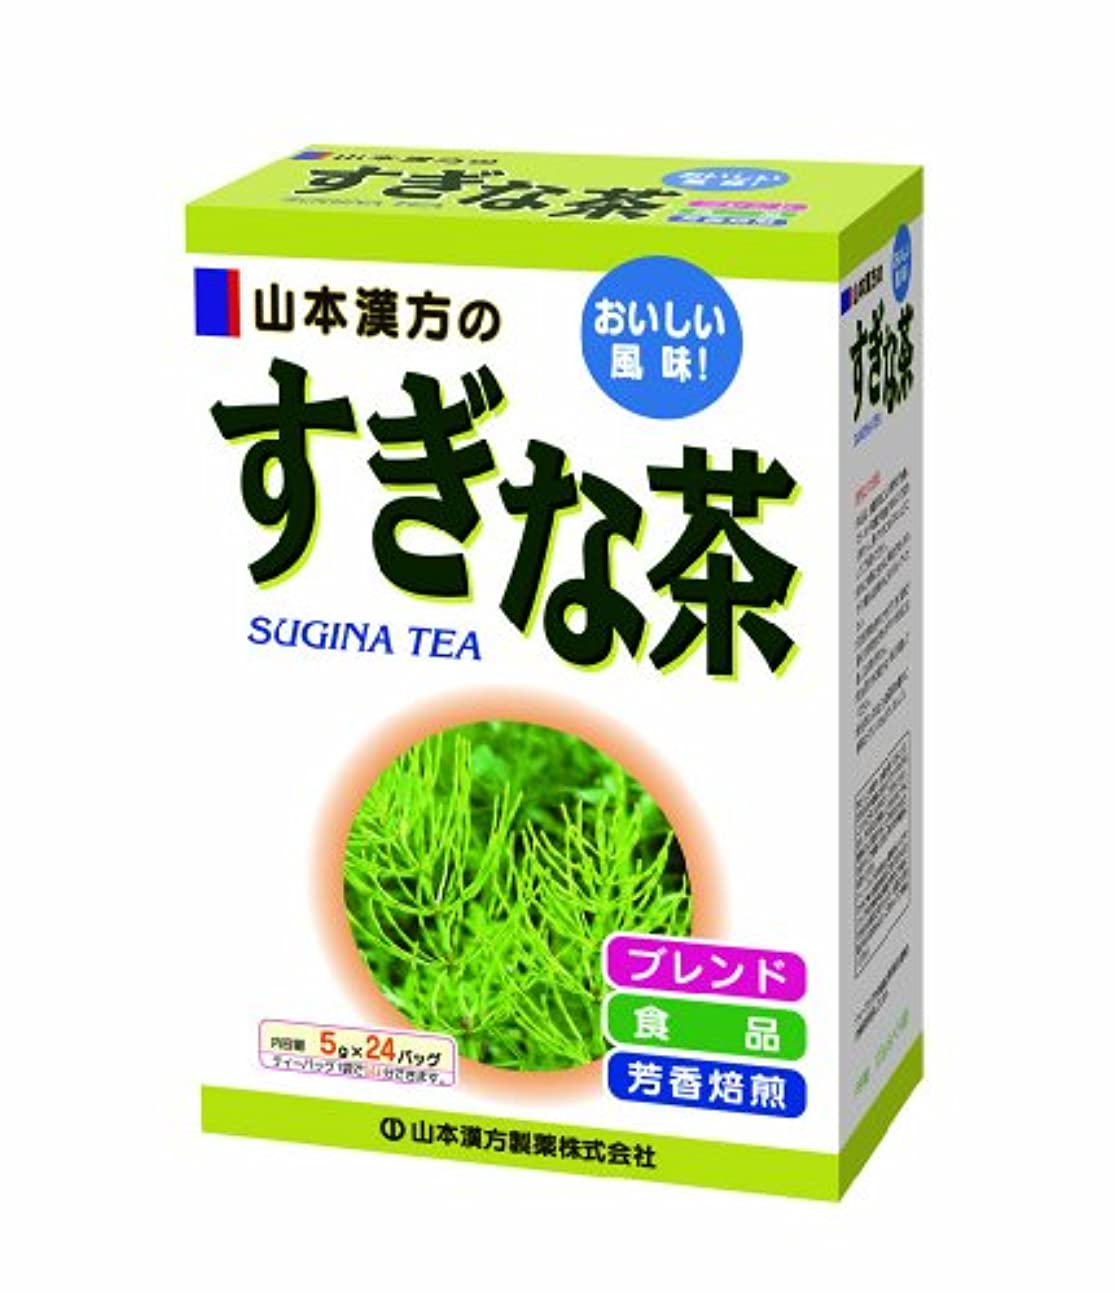 きらきら管理する叙情的な山本漢方製薬 すぎな茶 5gX24H